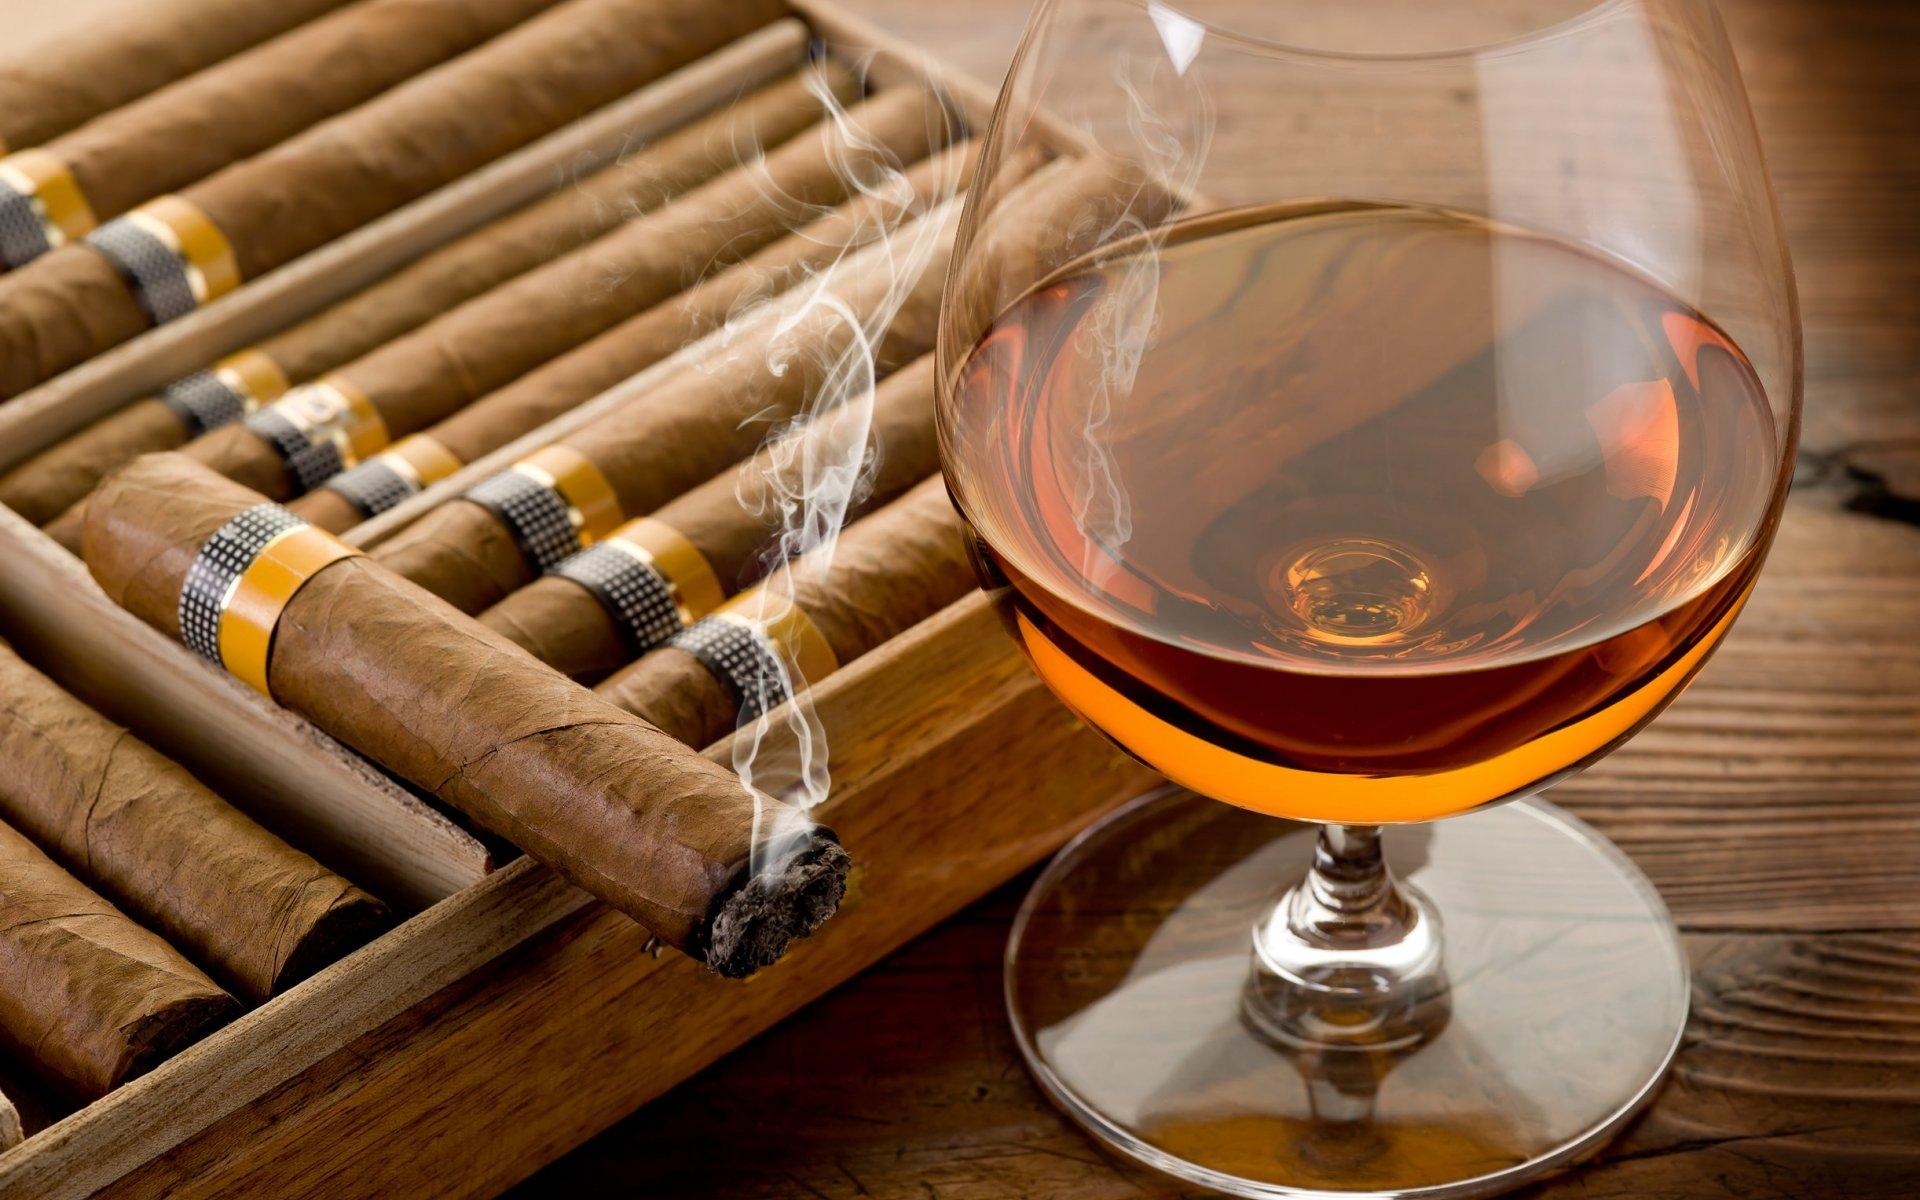 cigare-idee-de-cadeau-de-mariage